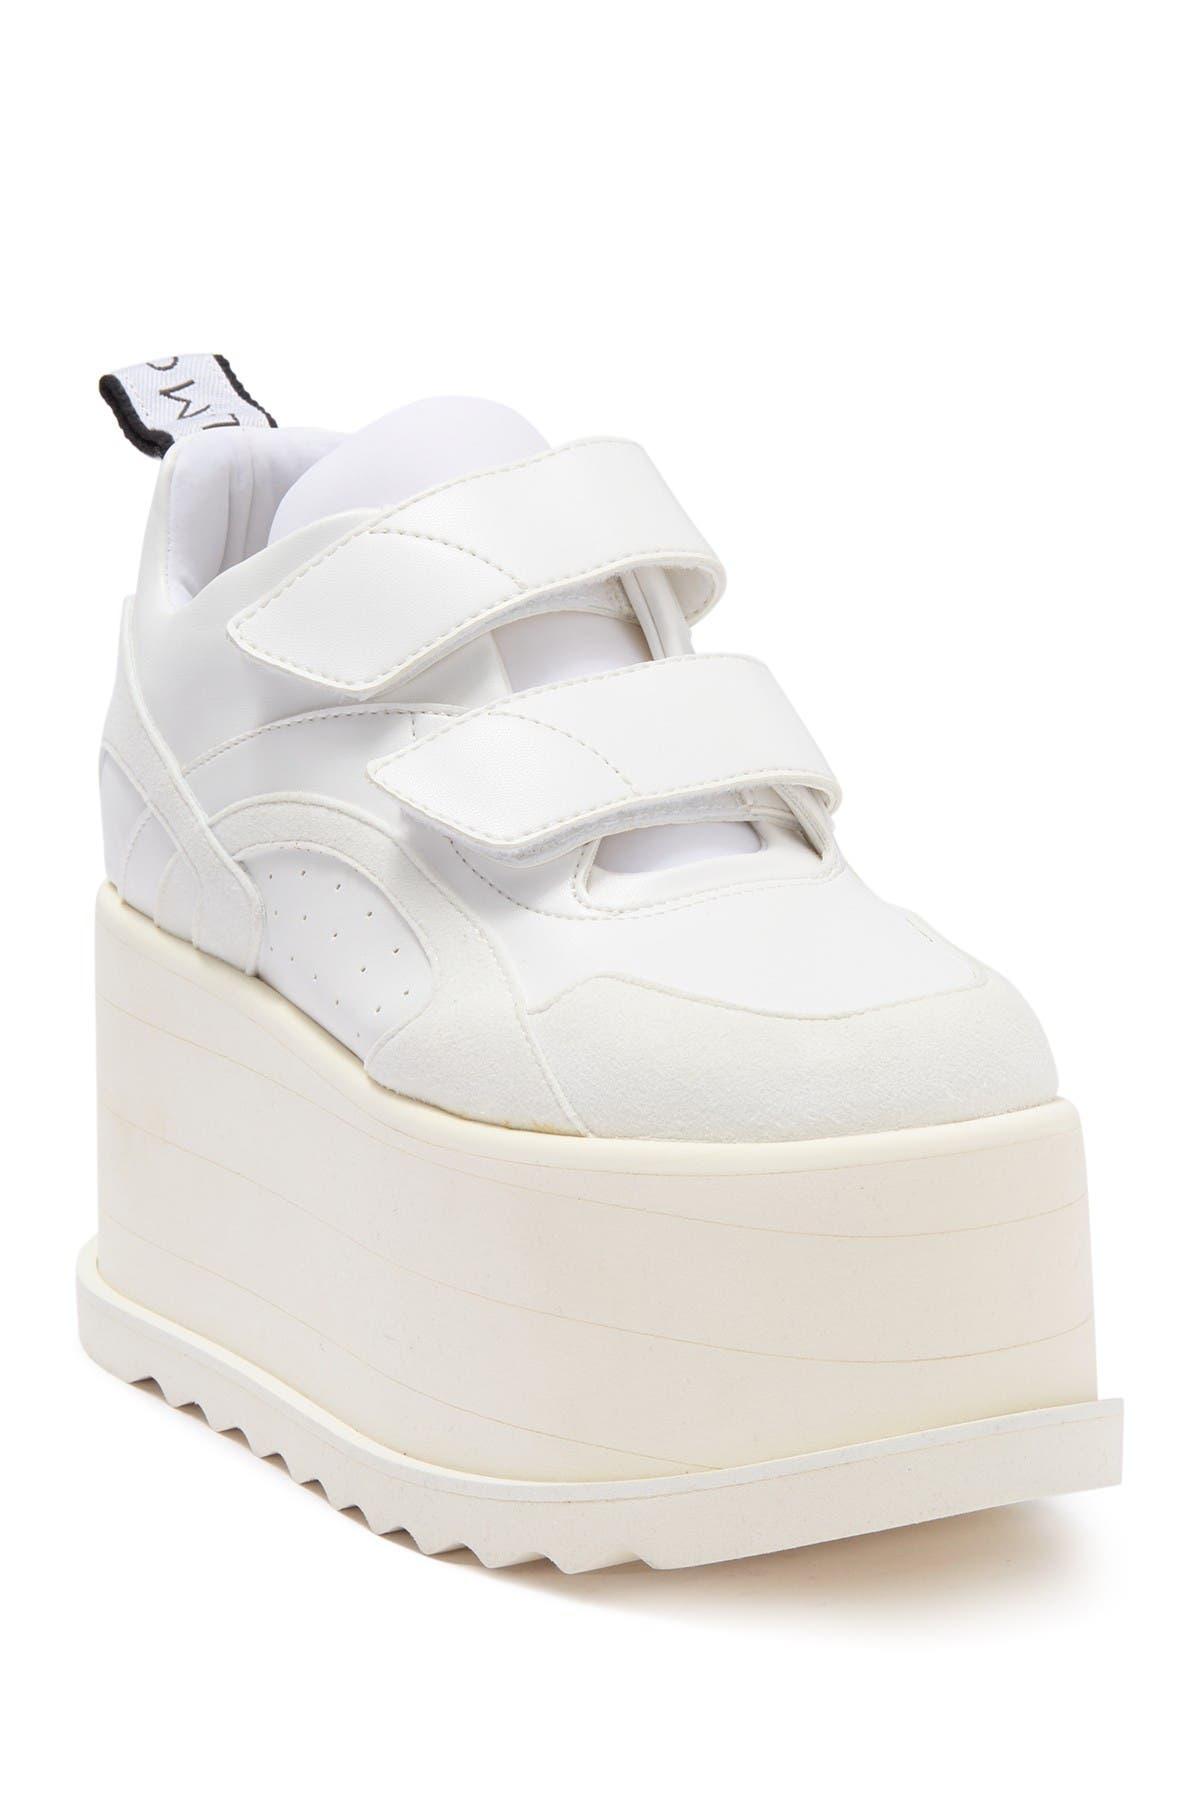 Image of Stella McCartney Chunky Platform Hook-And-Loop Strap Sneaker